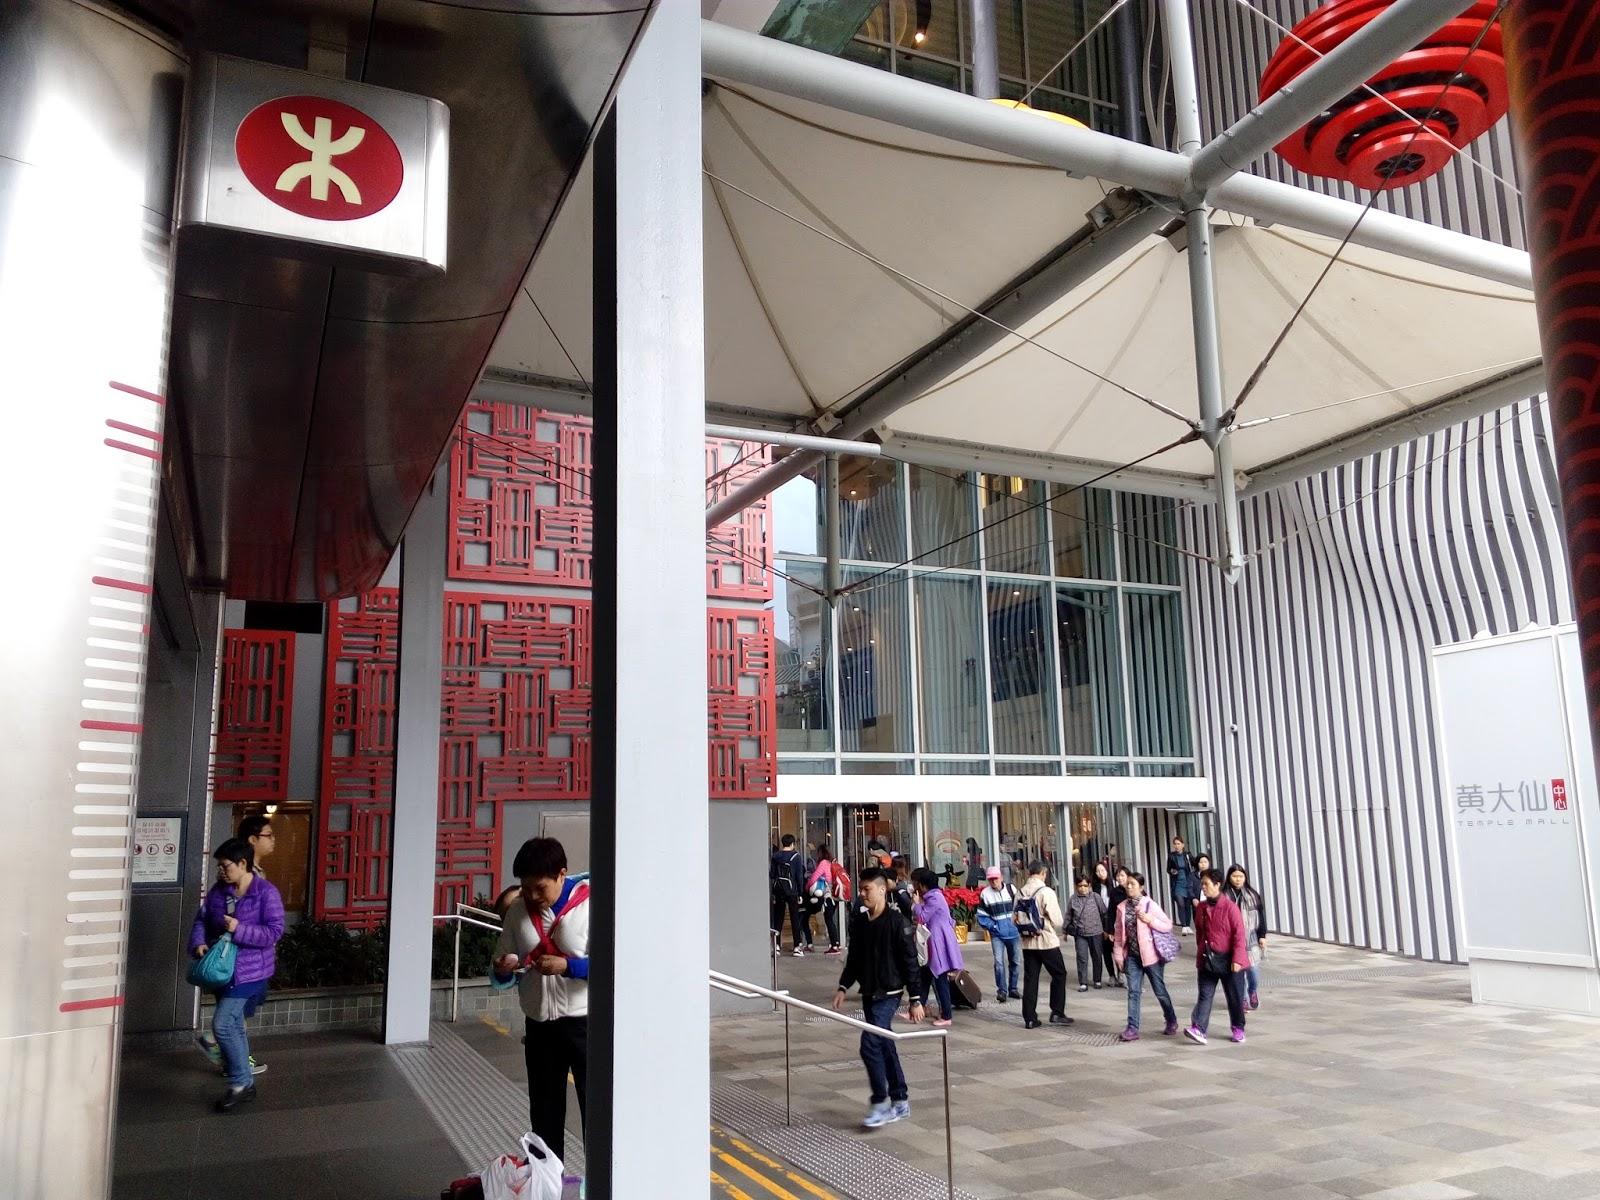 Grassroots O2: [領展商場] 黃大仙中心北館 @2016-12-24